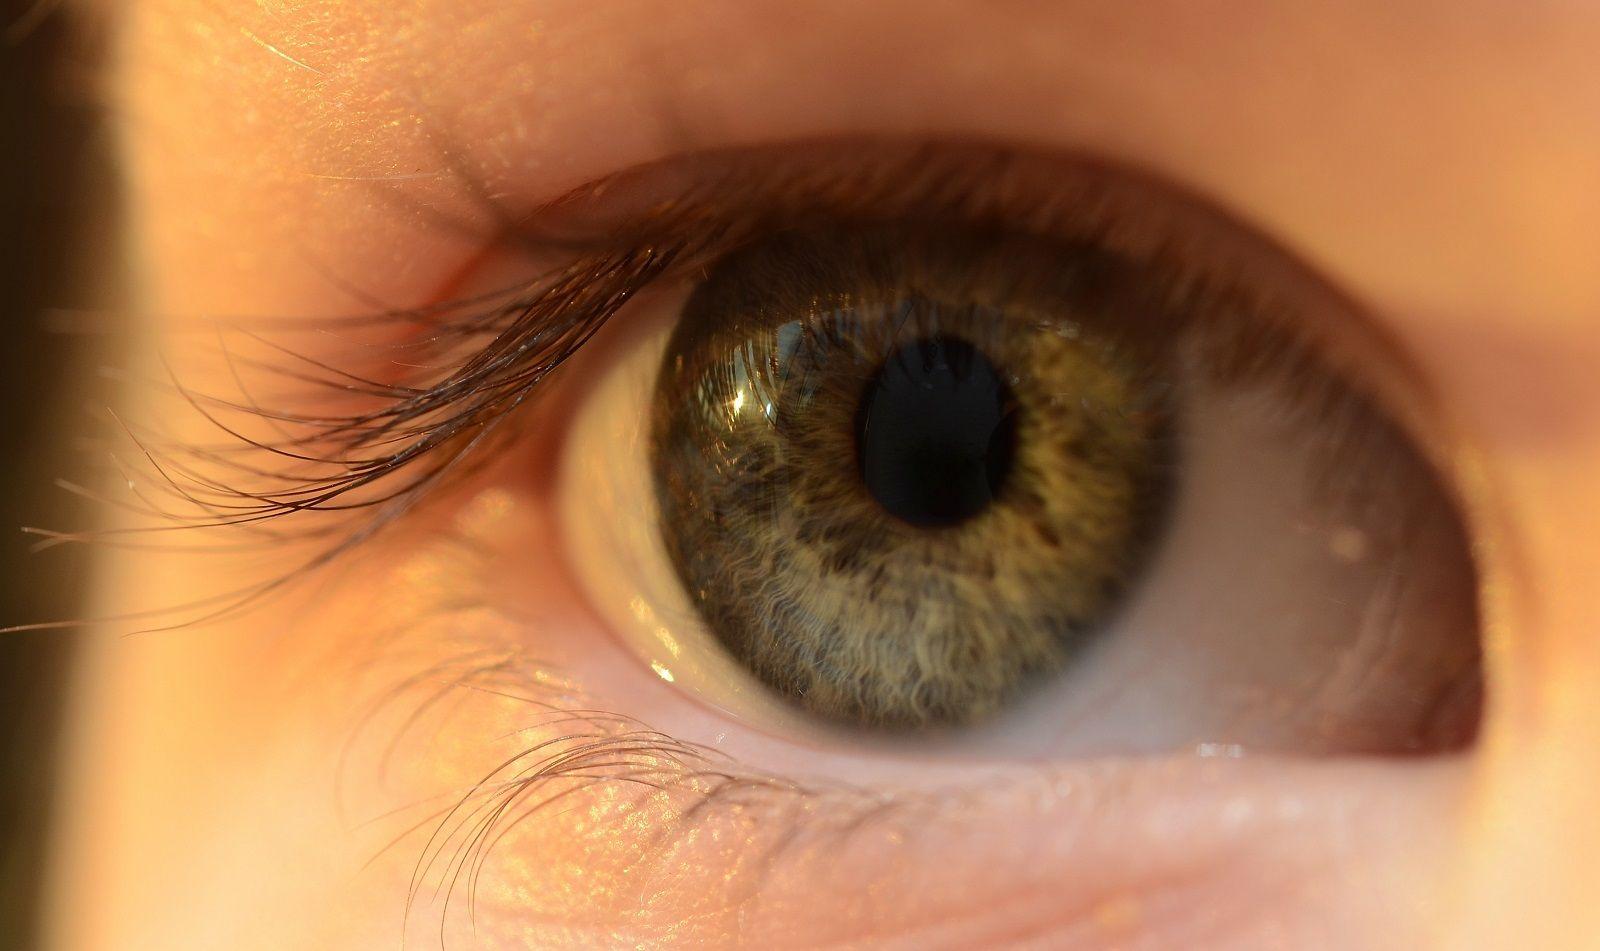 Come ridurre le zampe di gallina intorno agli occhi con rimedi naturali